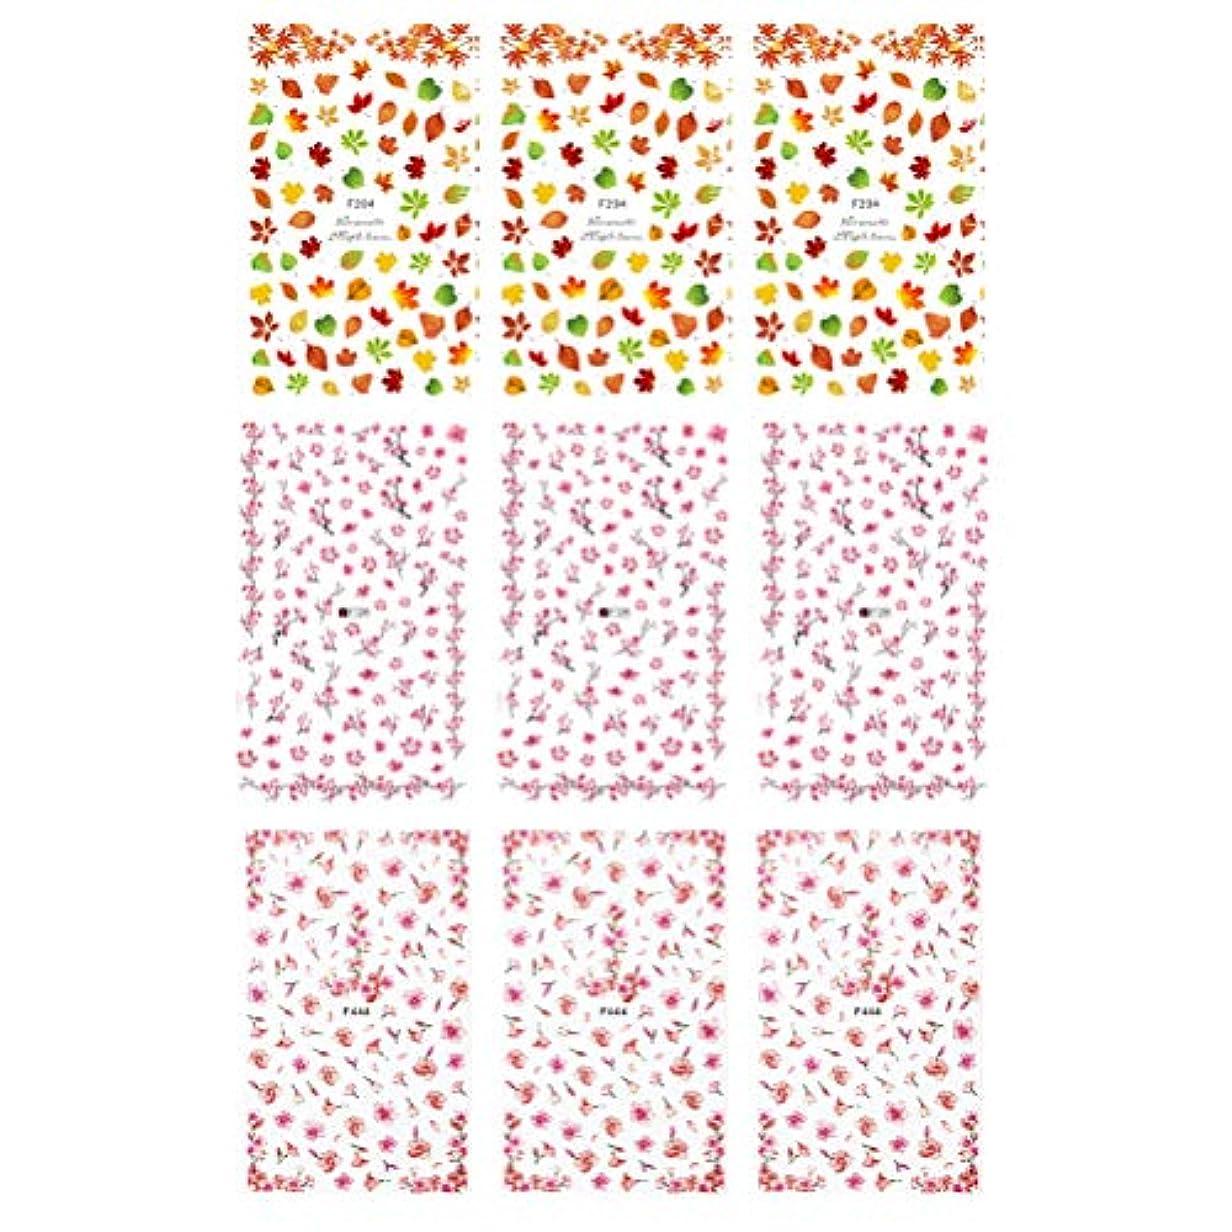 宙返り反射ふくろうFrcolor ネイルシール 花 3D ネイルステッカー 水彩風 ネイルホイル ももの花 桜 ネイルアートシール 爪に貼るだけ マニキュア 3種類 9枚セット